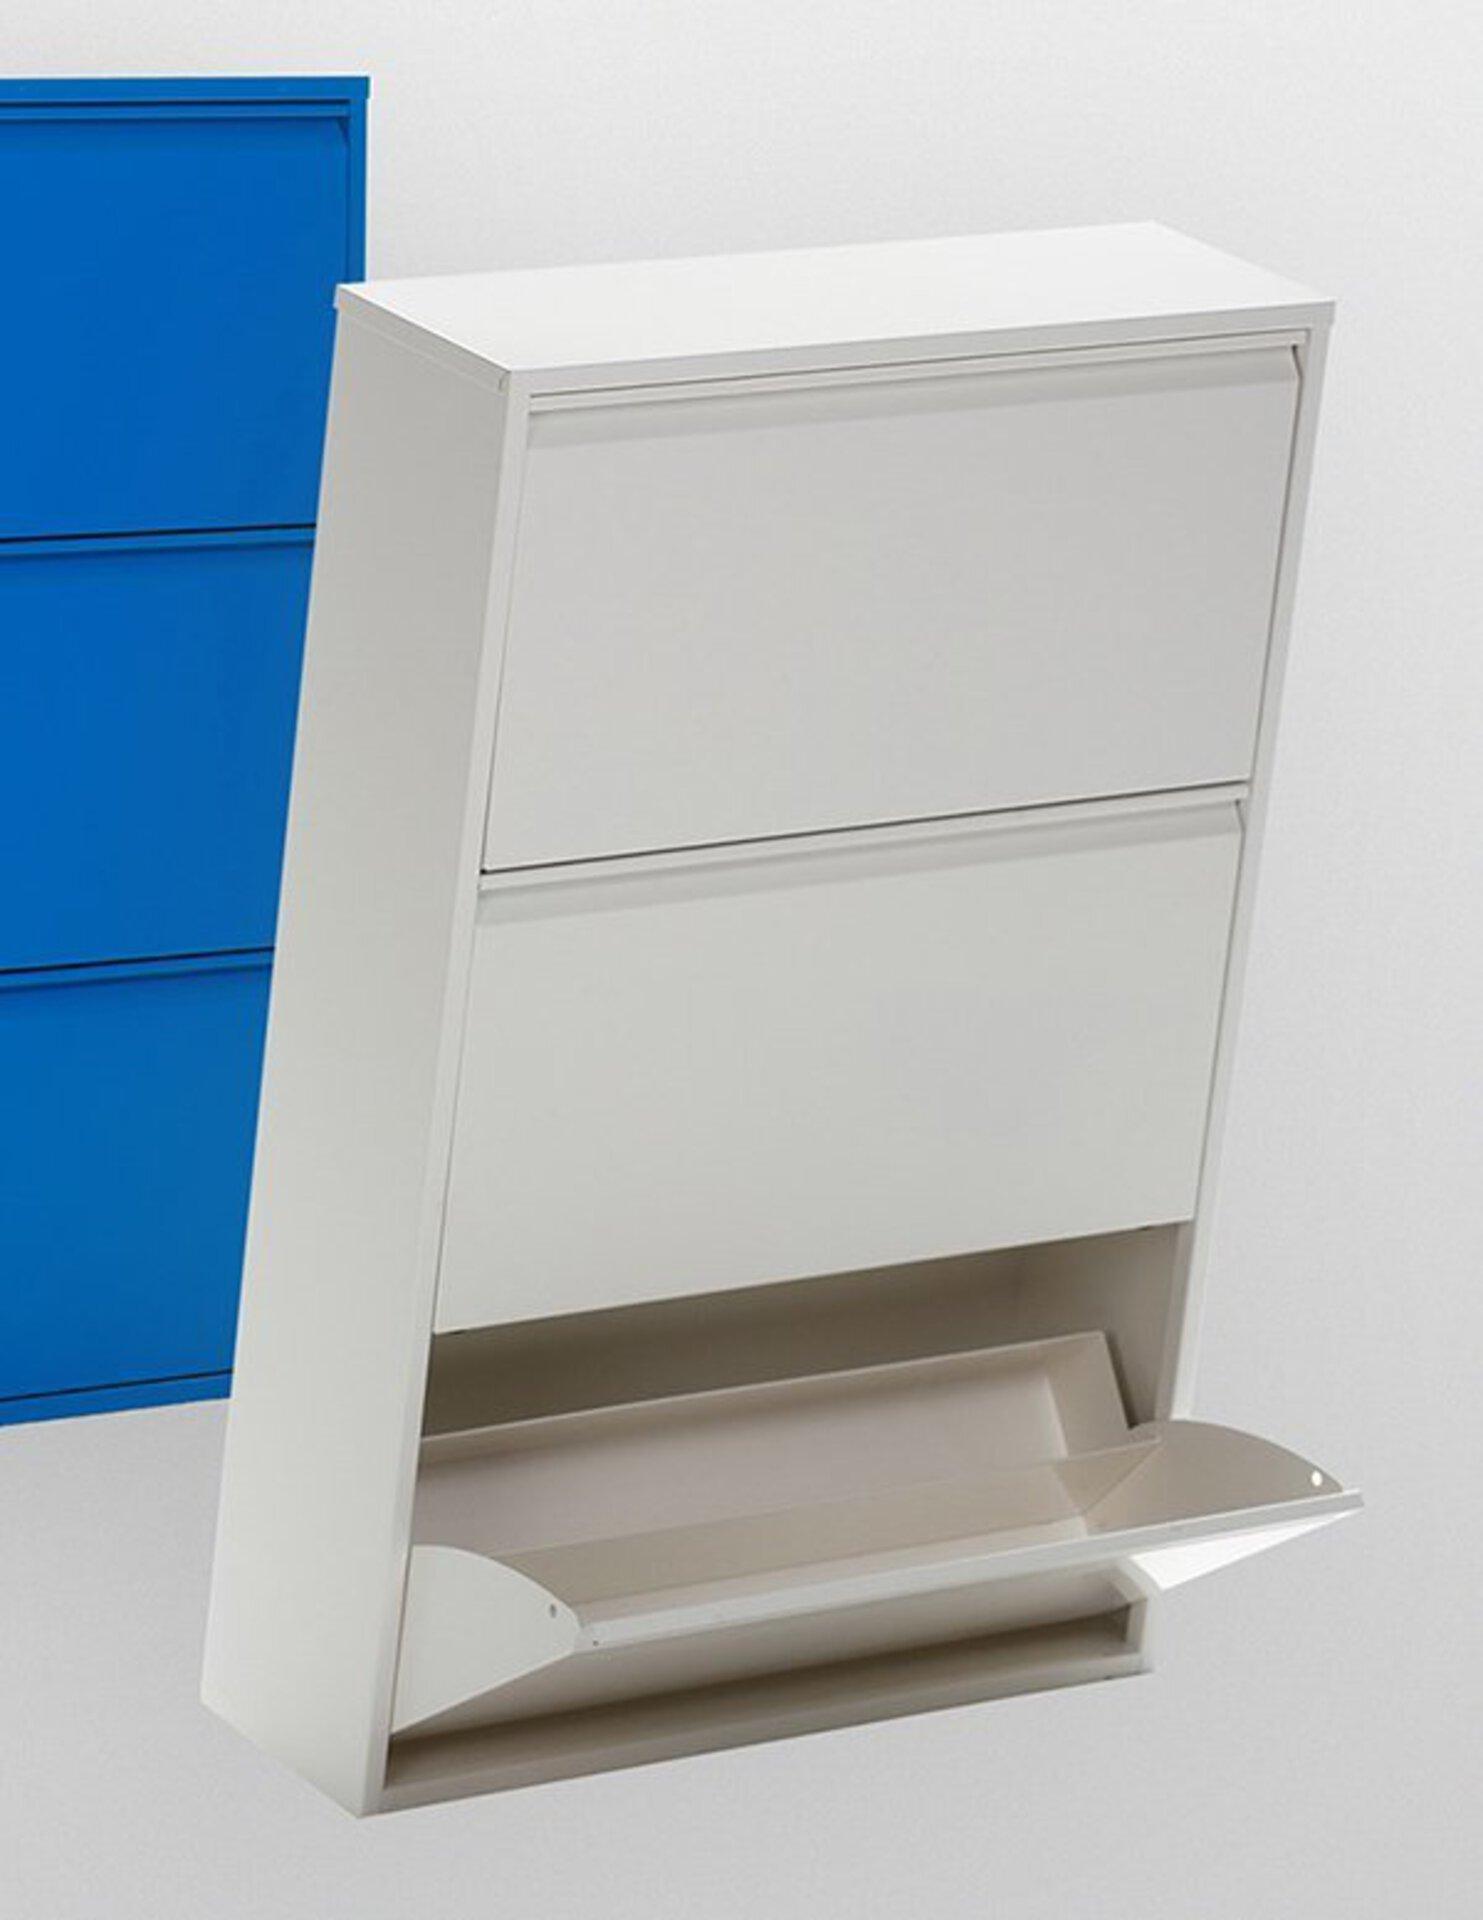 Schuhschrank TWIN inbuy Holzwerkstoff weiß 23 x 115 x 76 cm